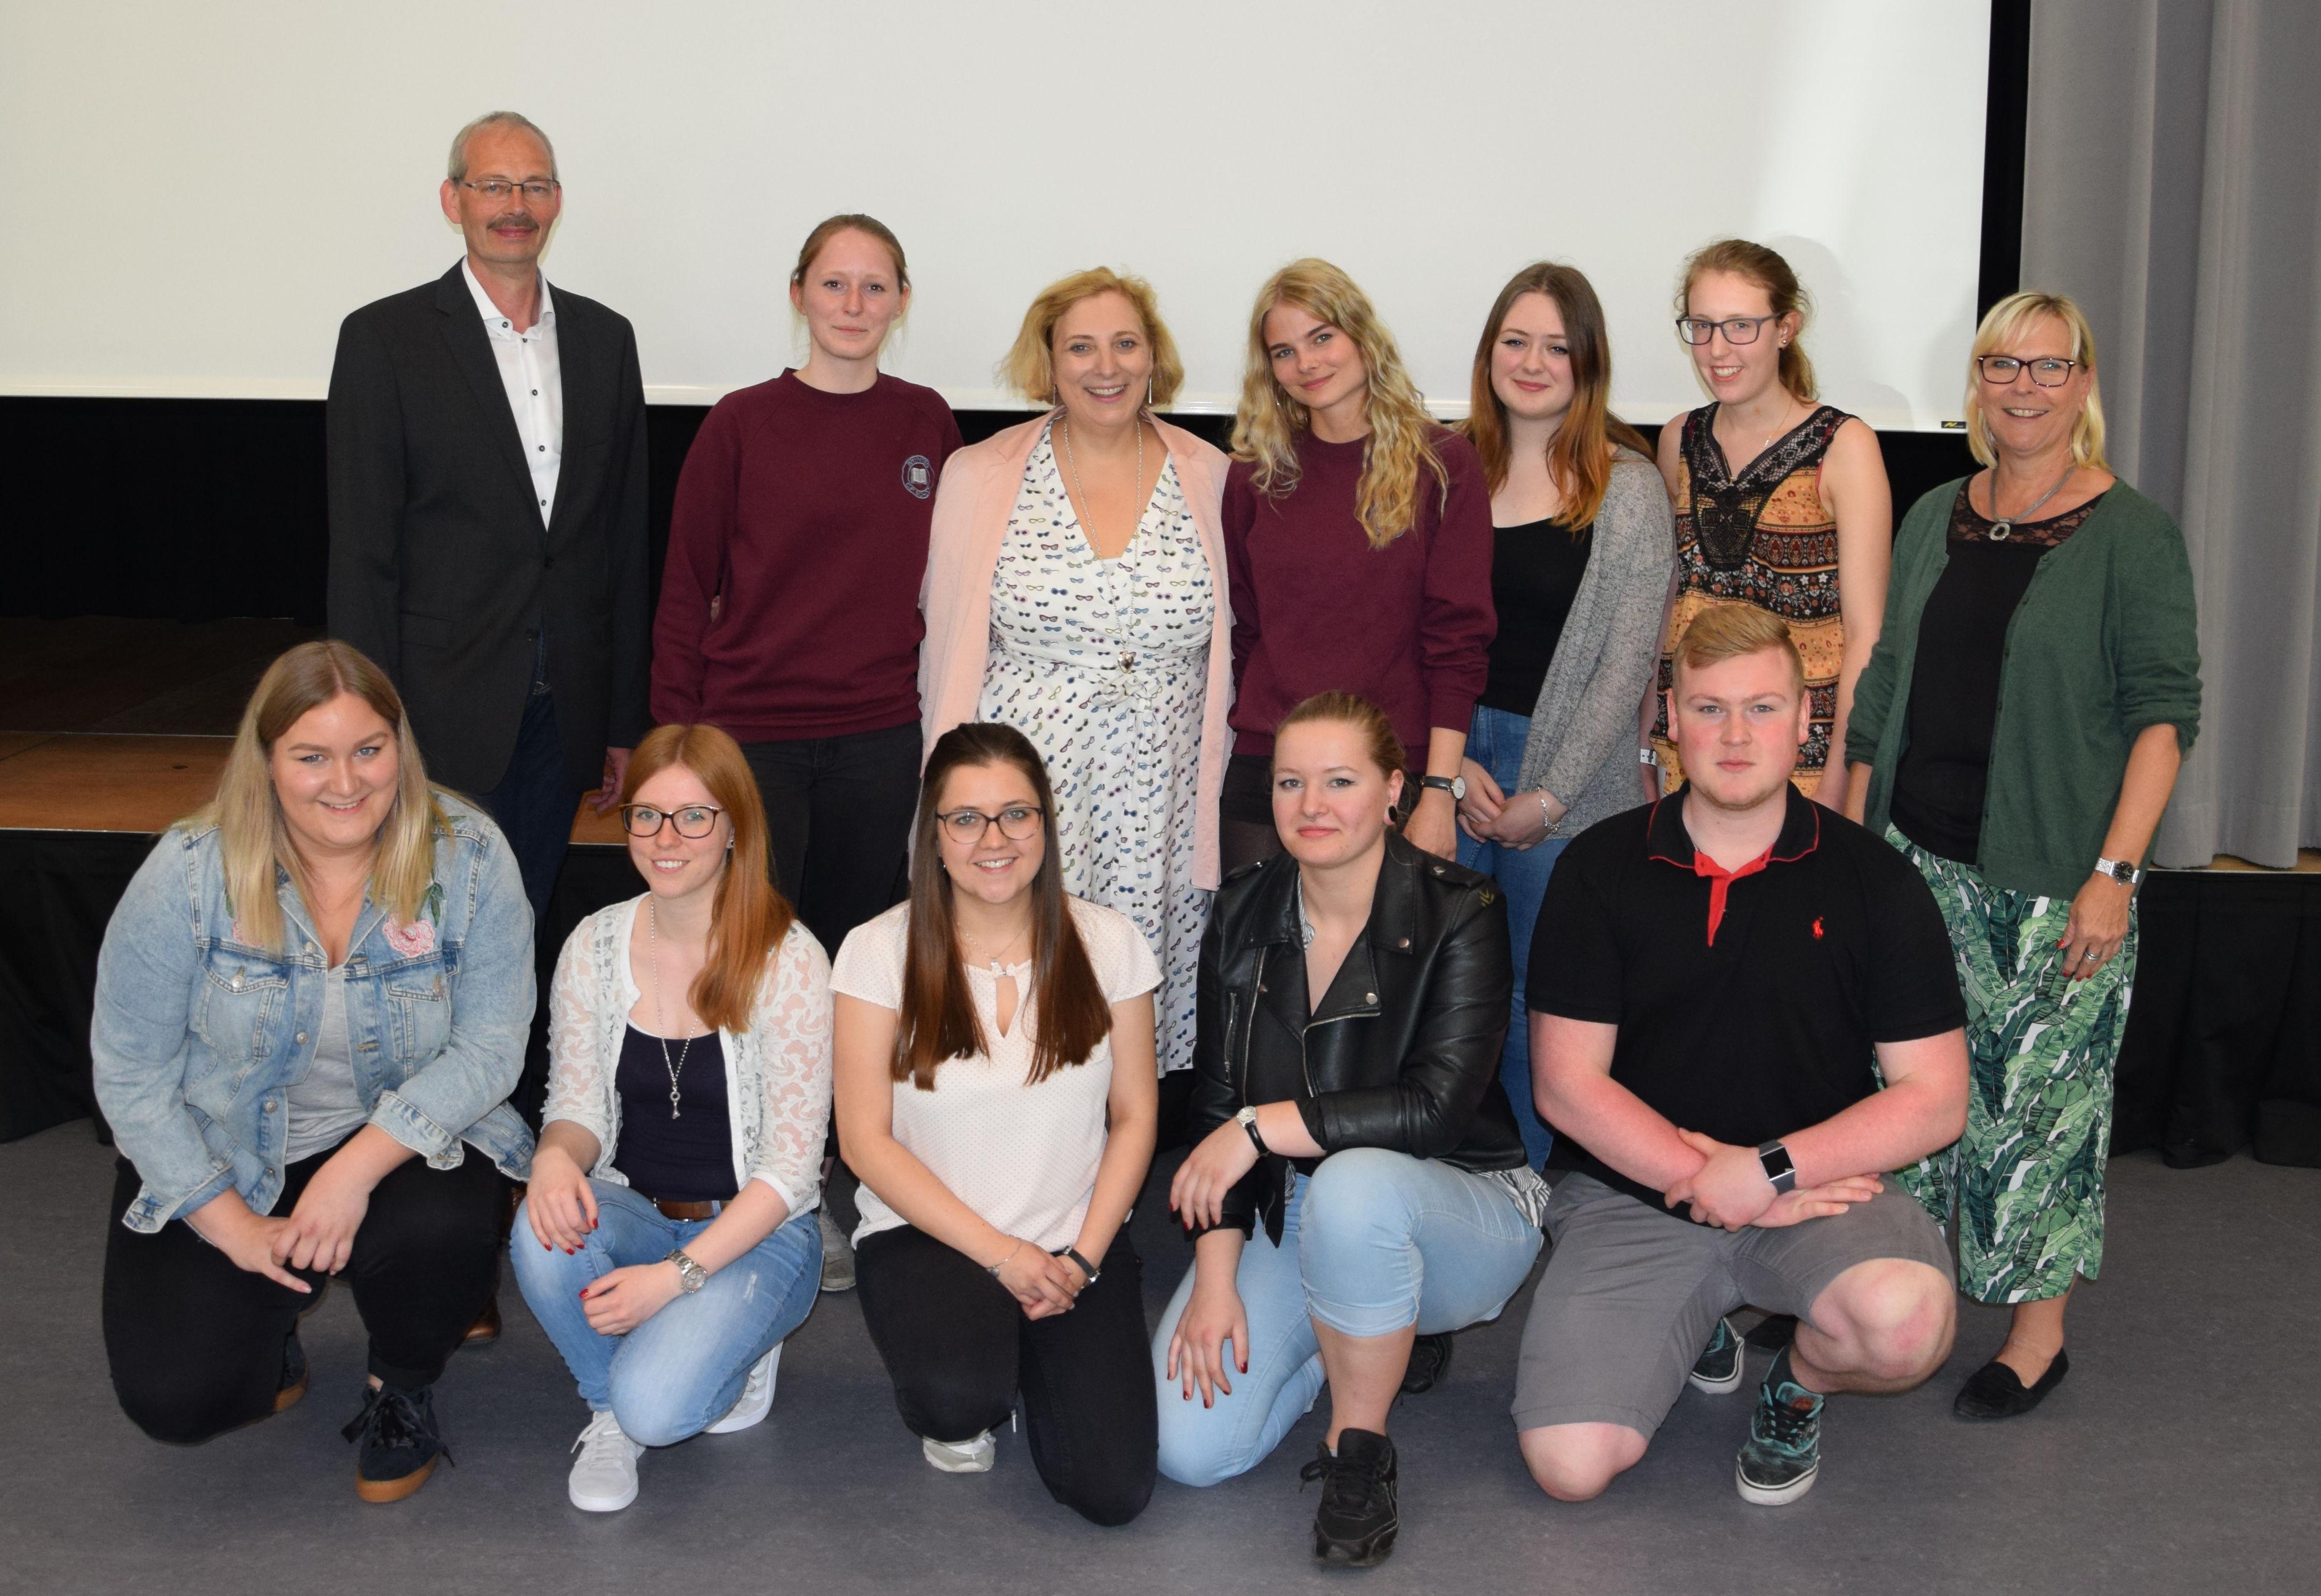 Heinrich Marheineke, Dr. Daniela De Ridder, Doris Reisch und die Schülerinnen und Schüler der BBS